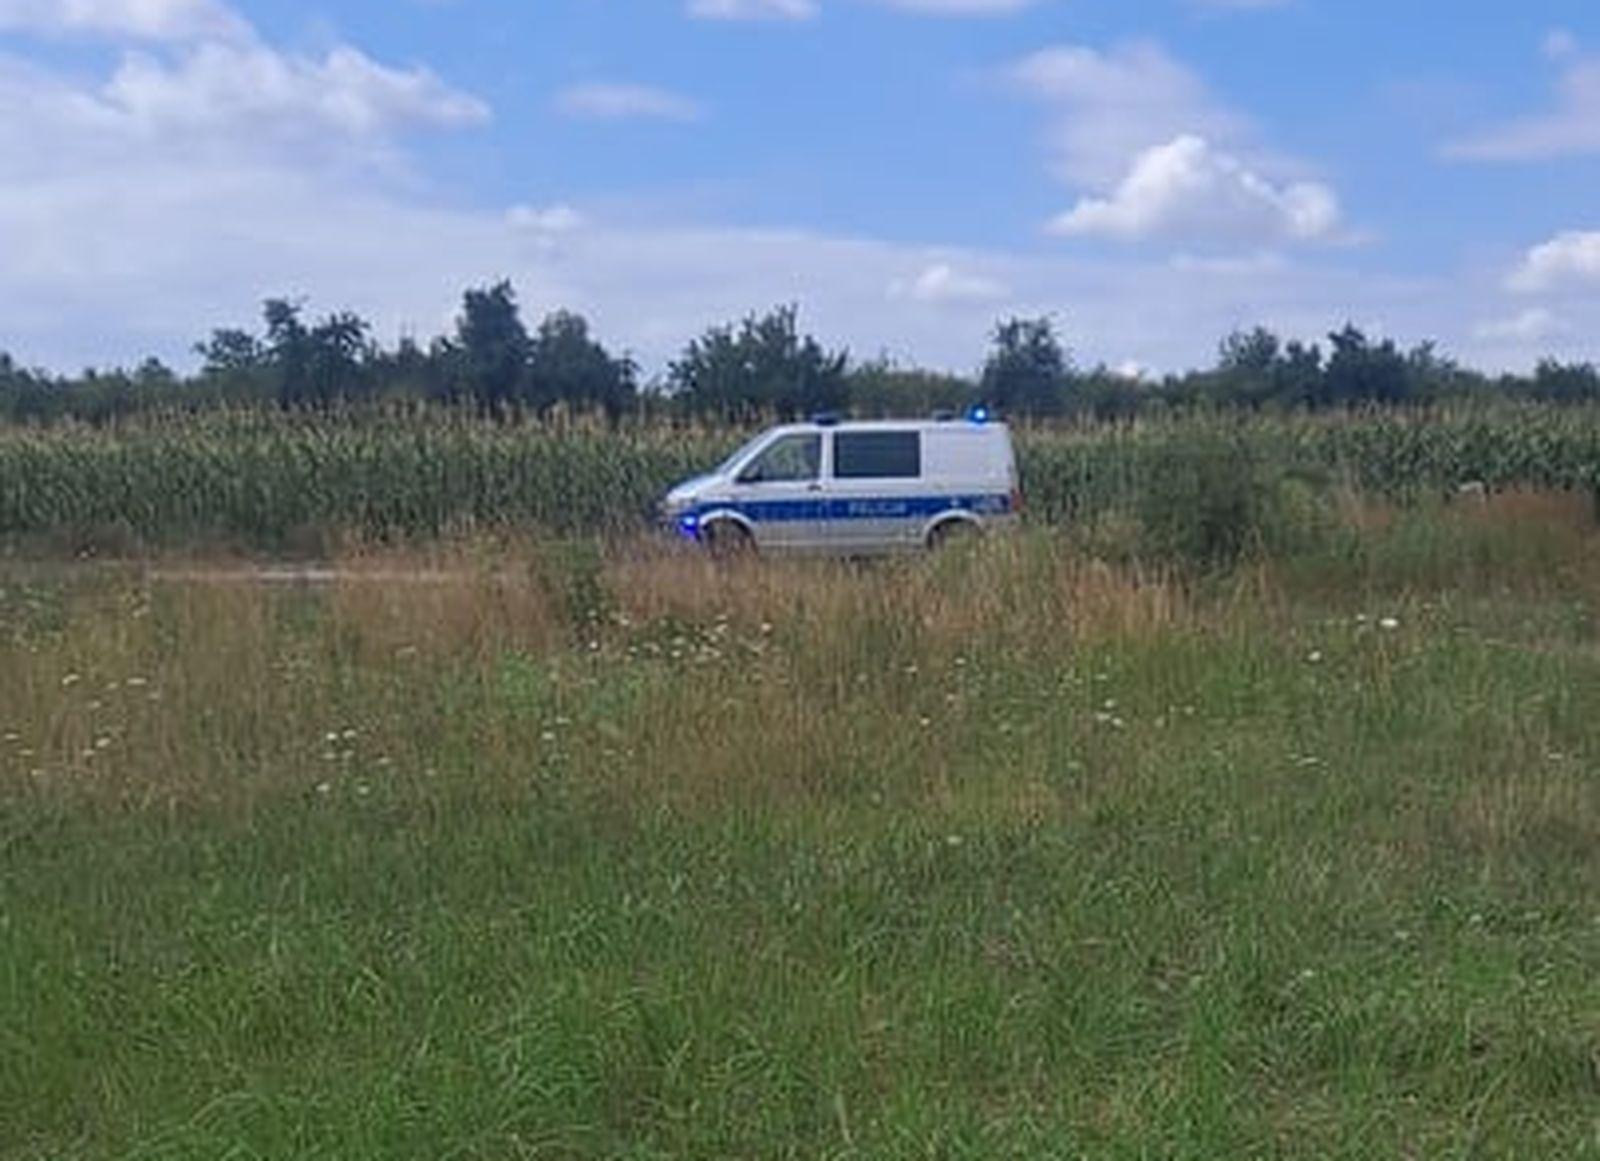 Morderstwo w Pleszewie. Kolejny dzień szukają narzędzia zbrodni [ZDJĘCIA] - Zdjęcie główne